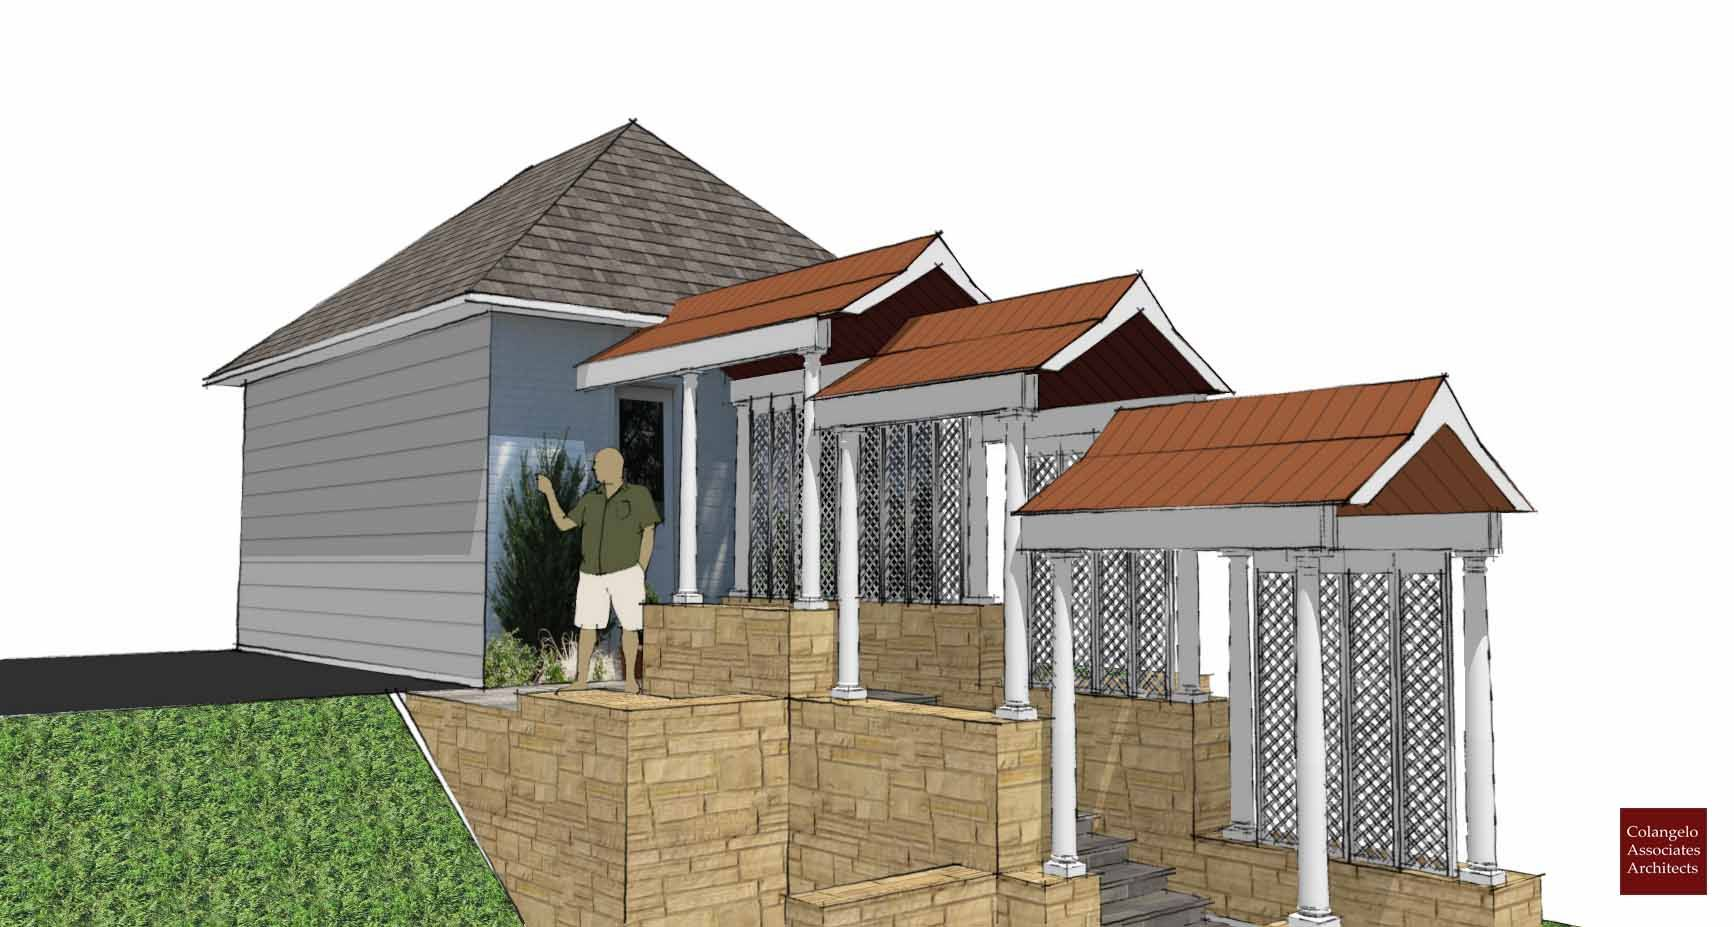 Architects /Greenwich, Scarsdale, Rye, Darien / Colangelo Associates